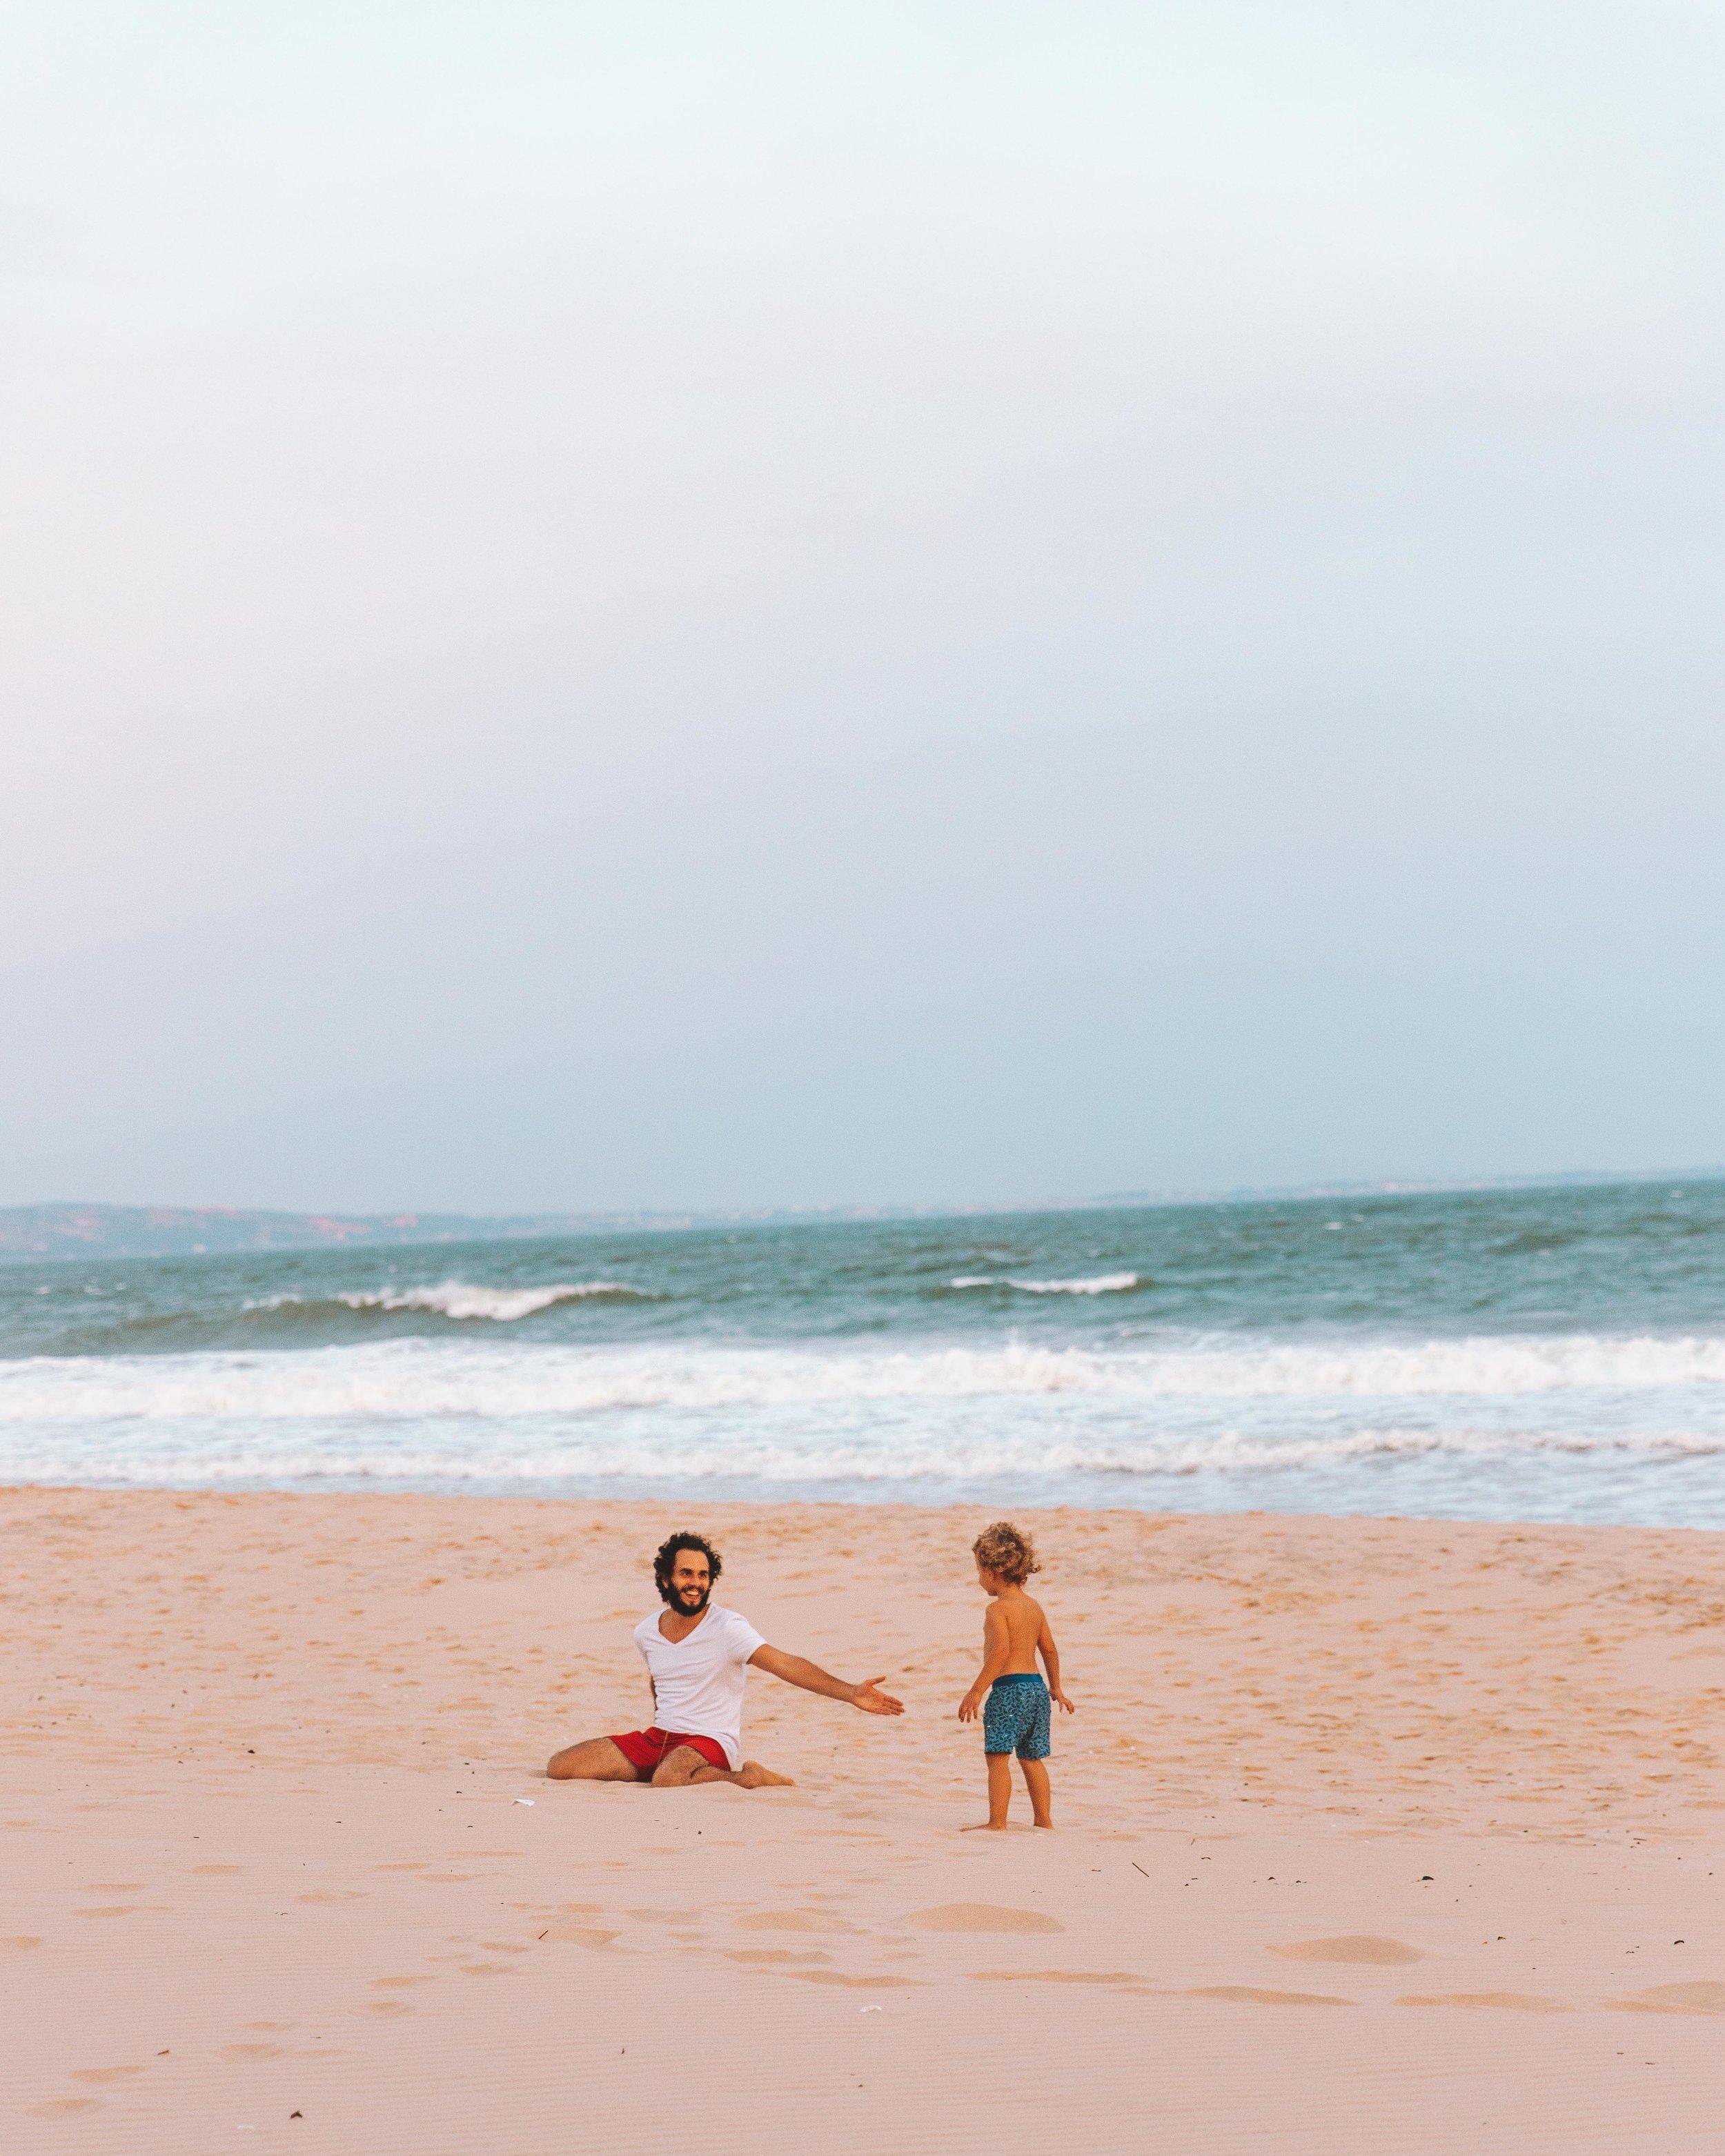 En jouant sur le sable au coucher de soleil